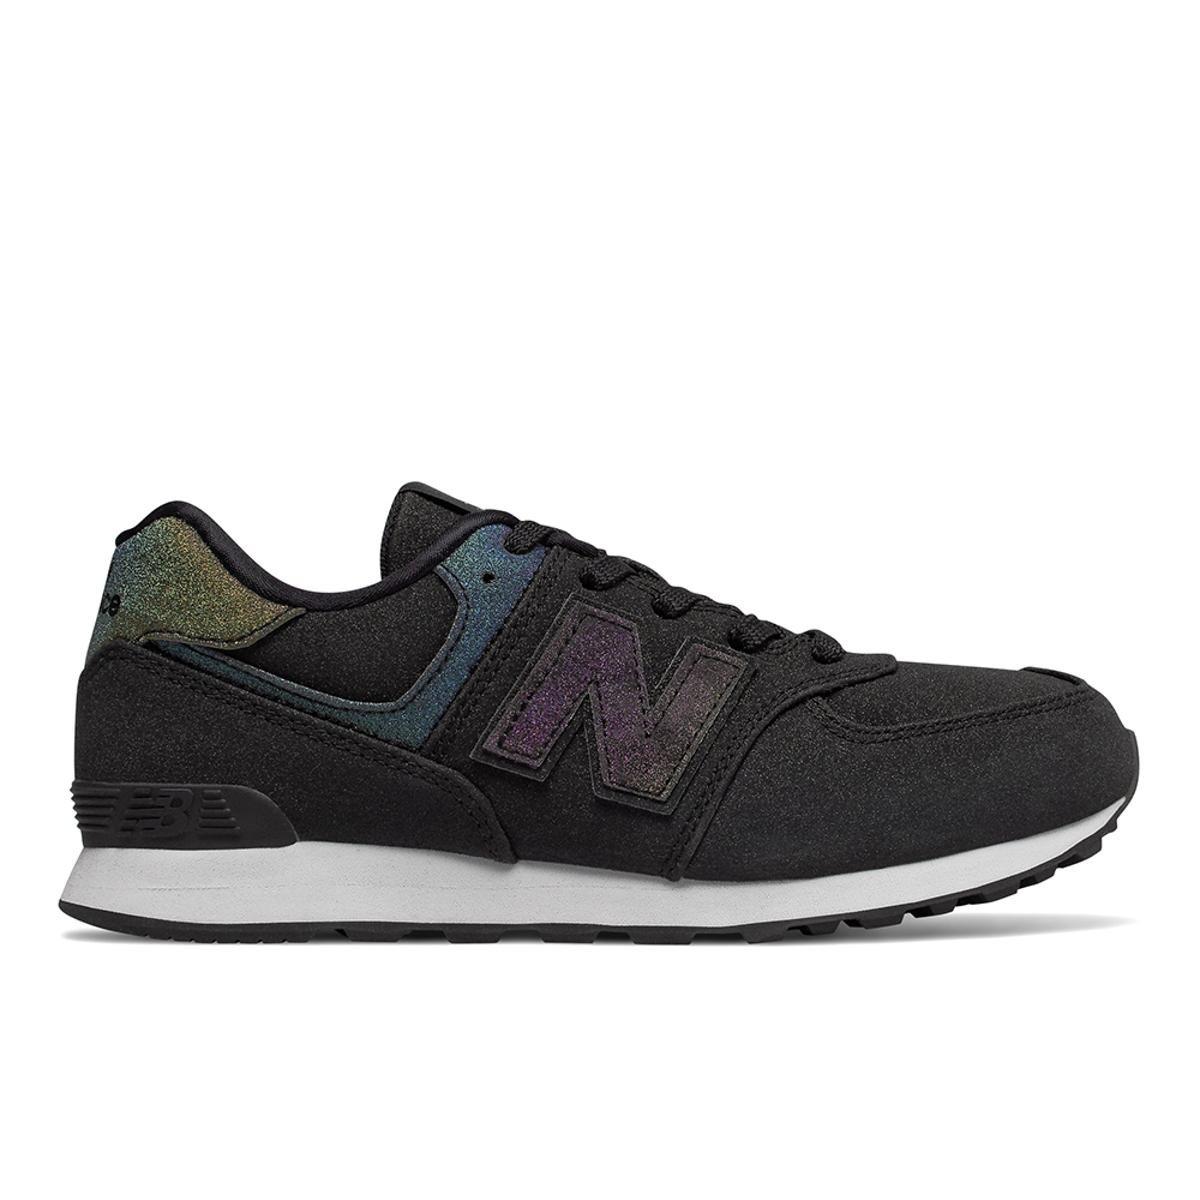 Tênis 574 Agora Compre Netshoes Feminino New Preto Balance rqExwaCnYr